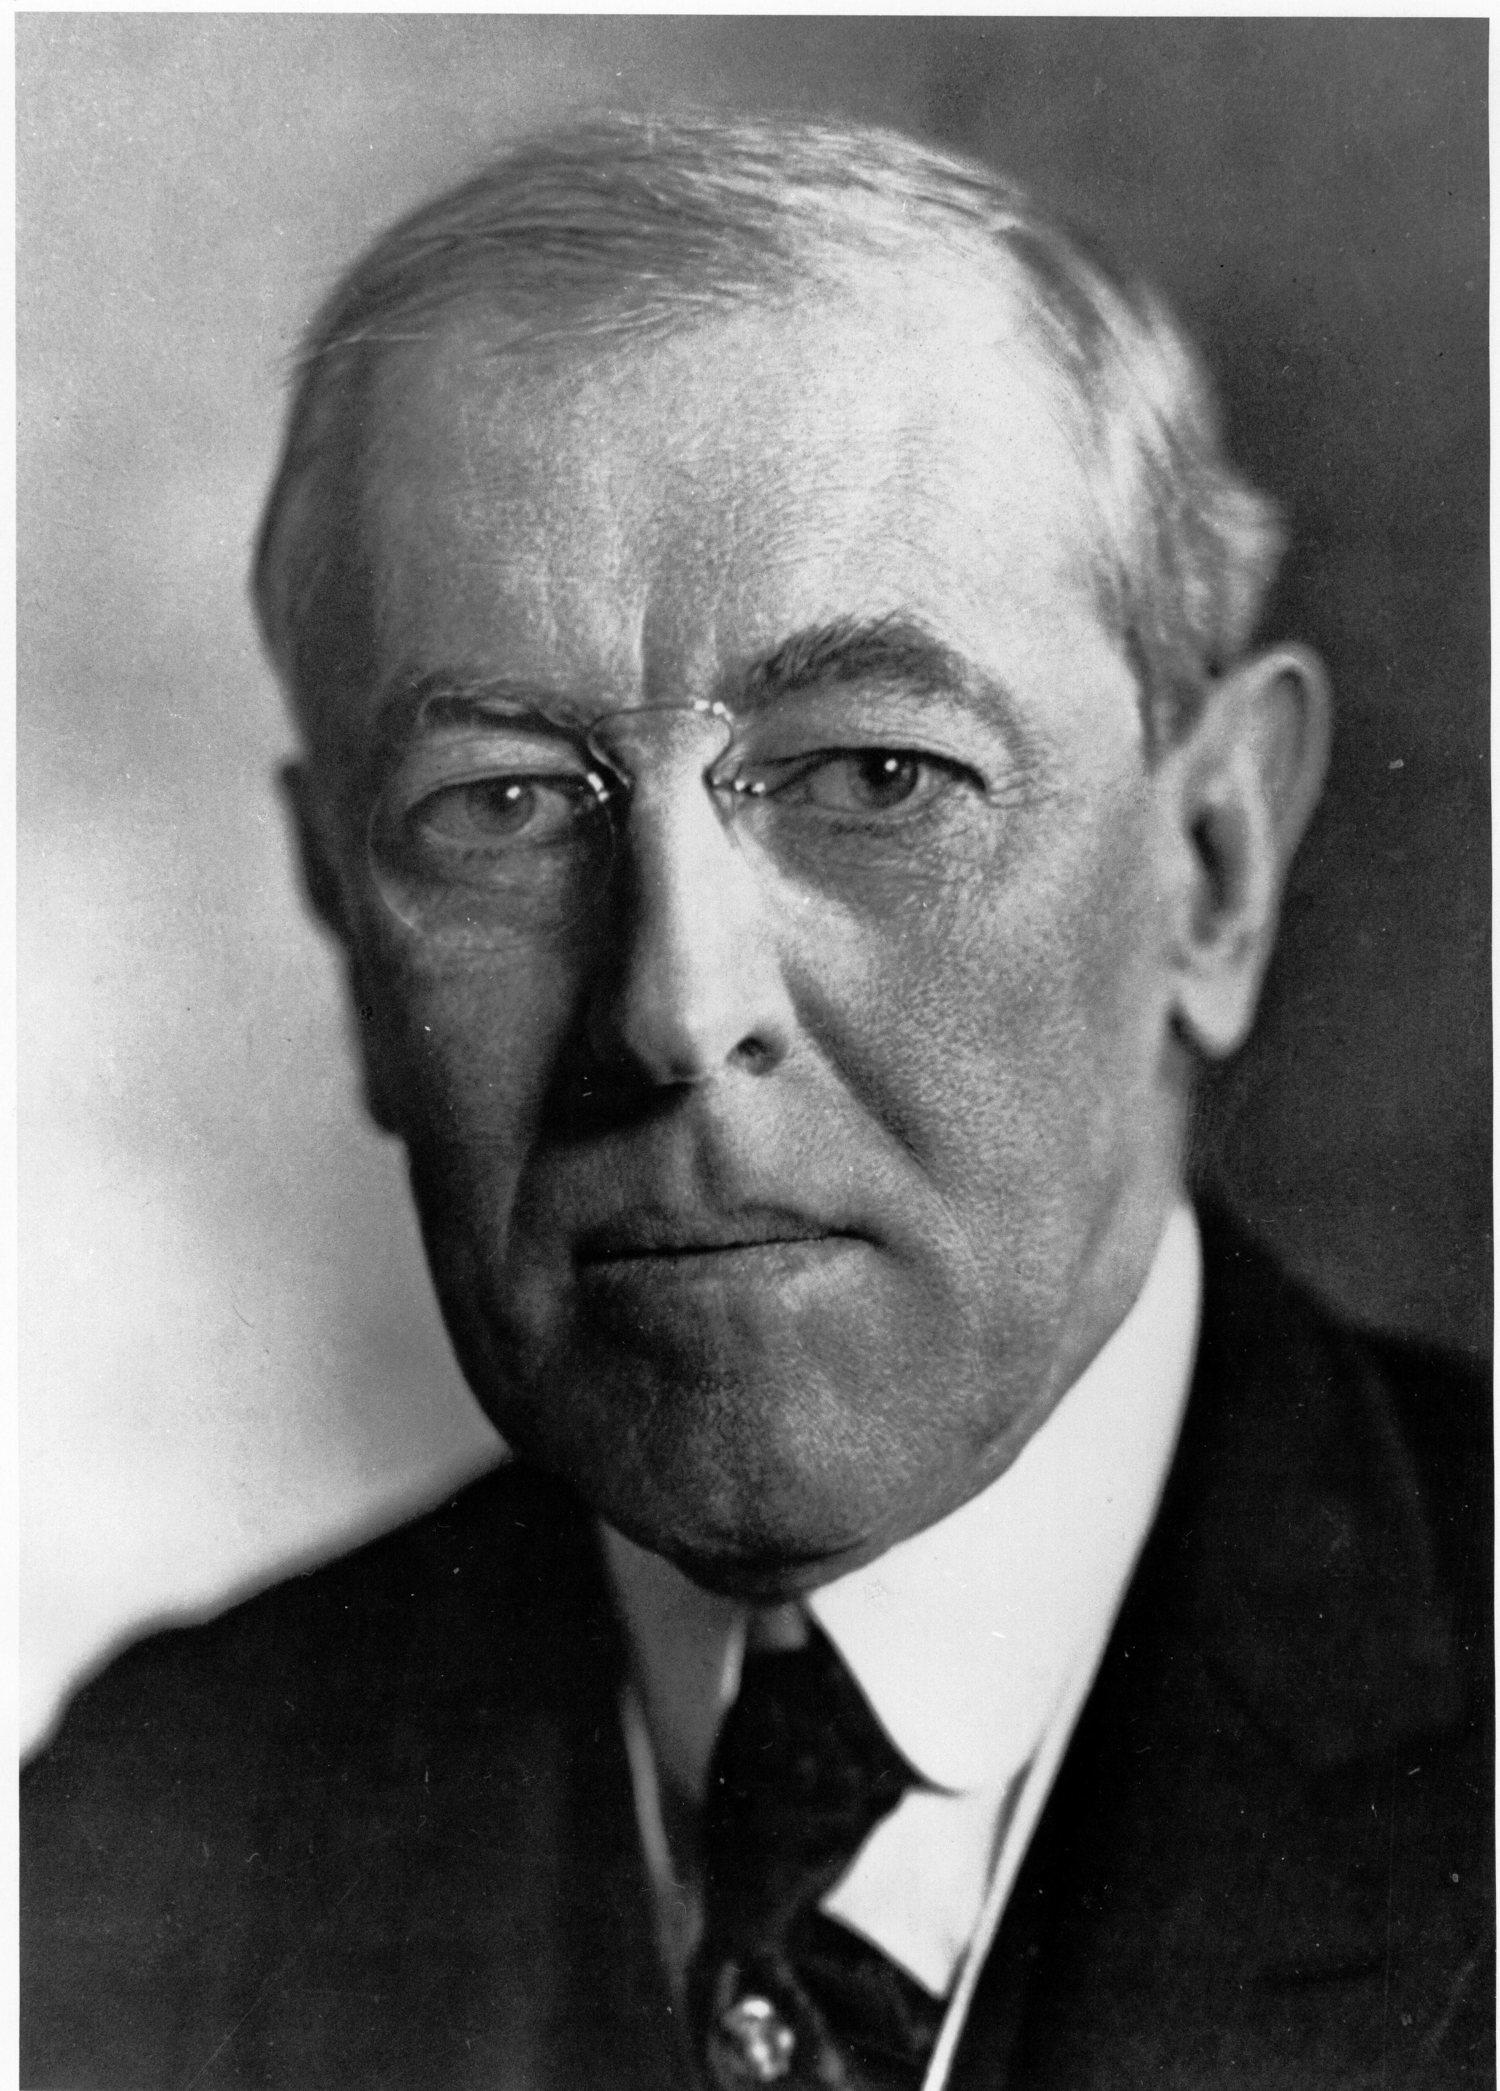 El presidente norteamericano, Woodrow Wilson, expuso por primera vez la idea de crear una Sociedad de Naciones en 1918.